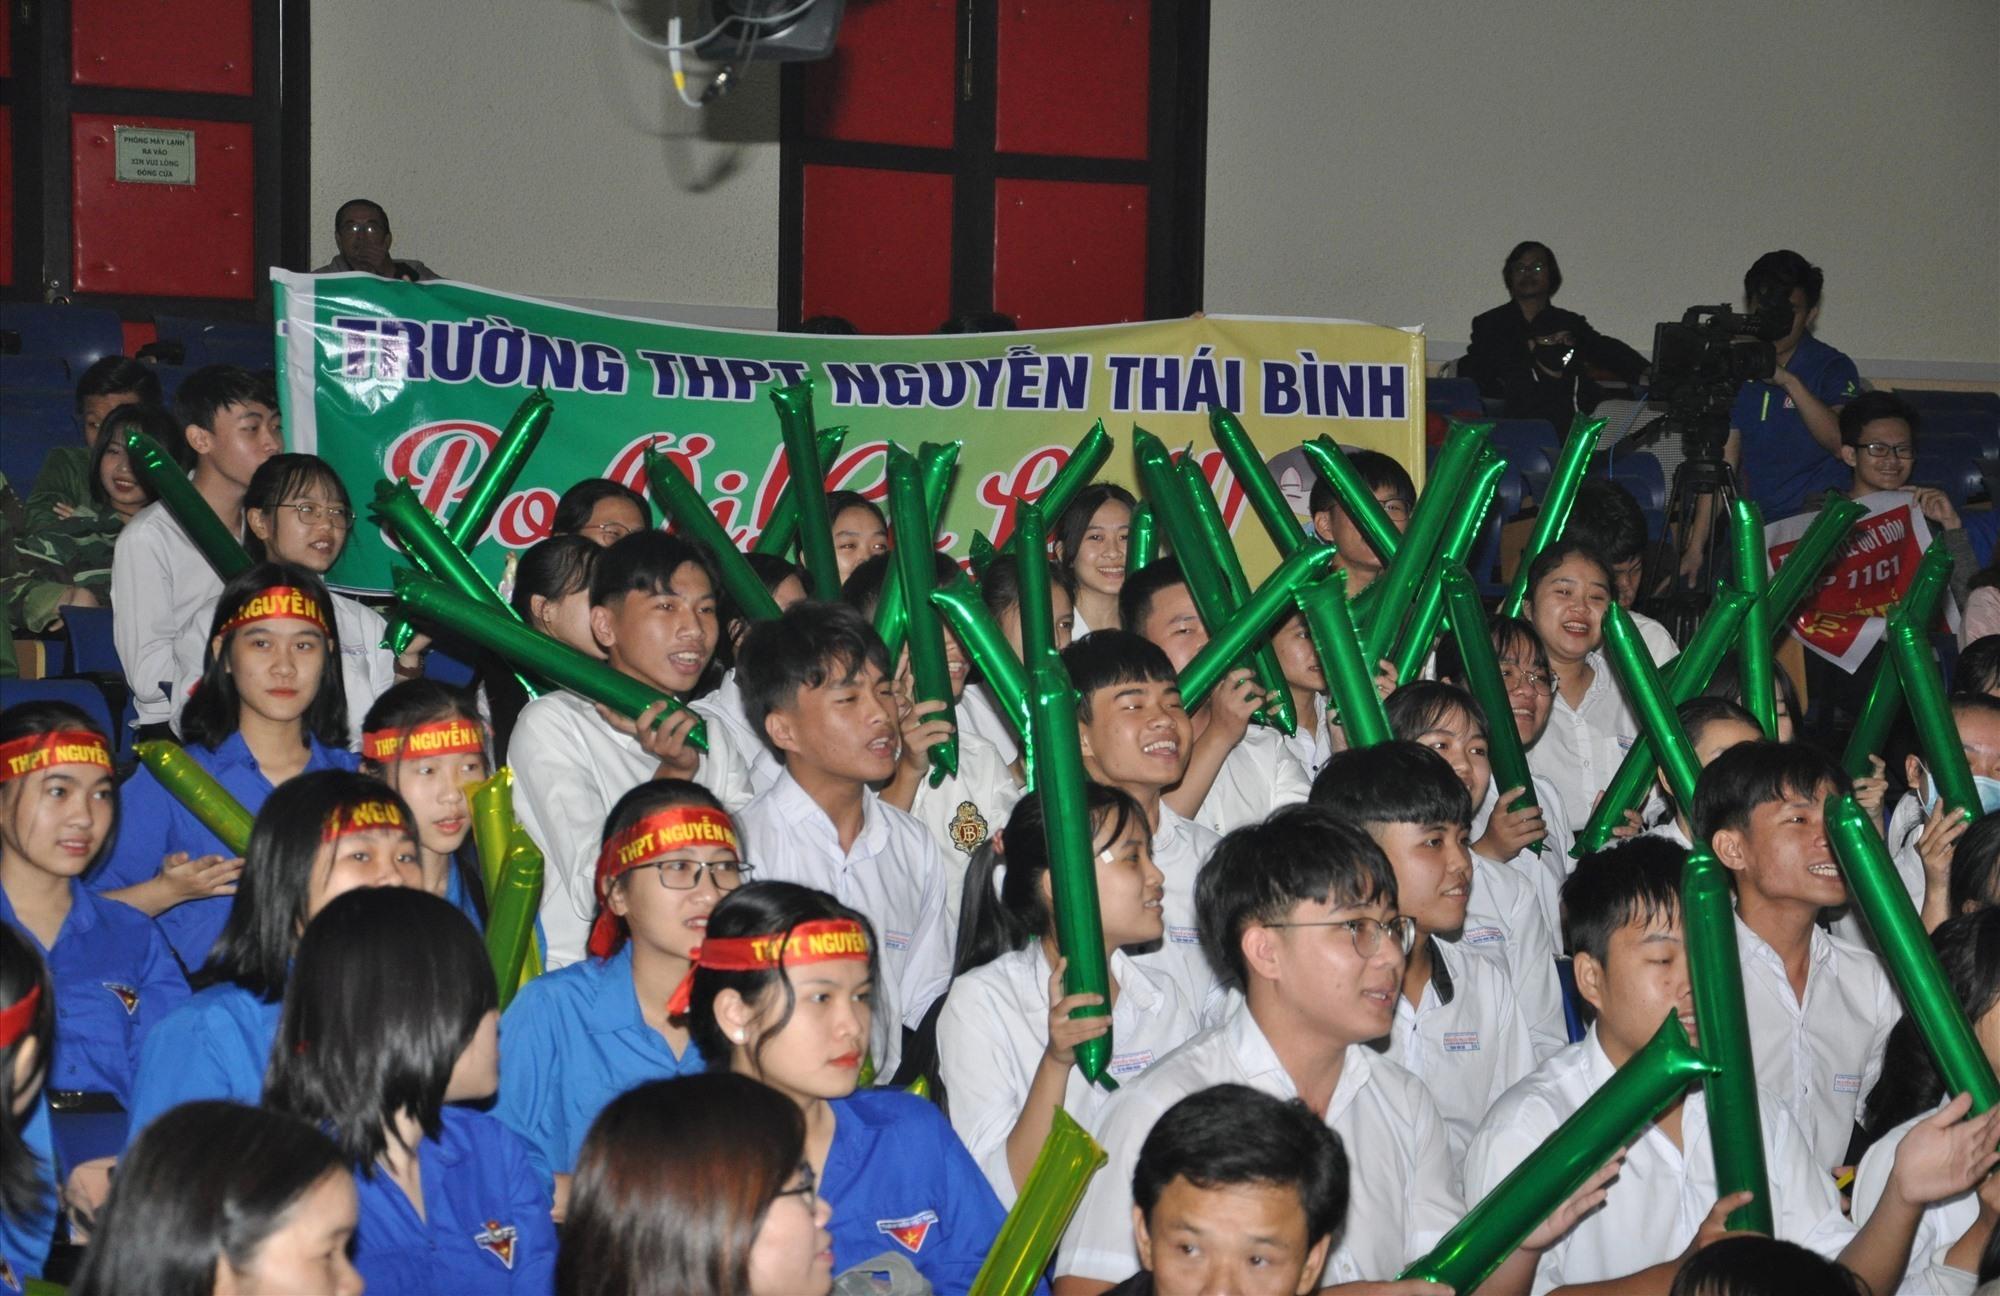 """Cổ động viên Trường THPT Nguyễn Thái Bình đi theo và cổ vũ đã được đền đáp xứng đáng bằng chiến thắng của chàng """"Bo"""" Hoàng Đỗ Thanh Thuận. Ảnh: X.P"""